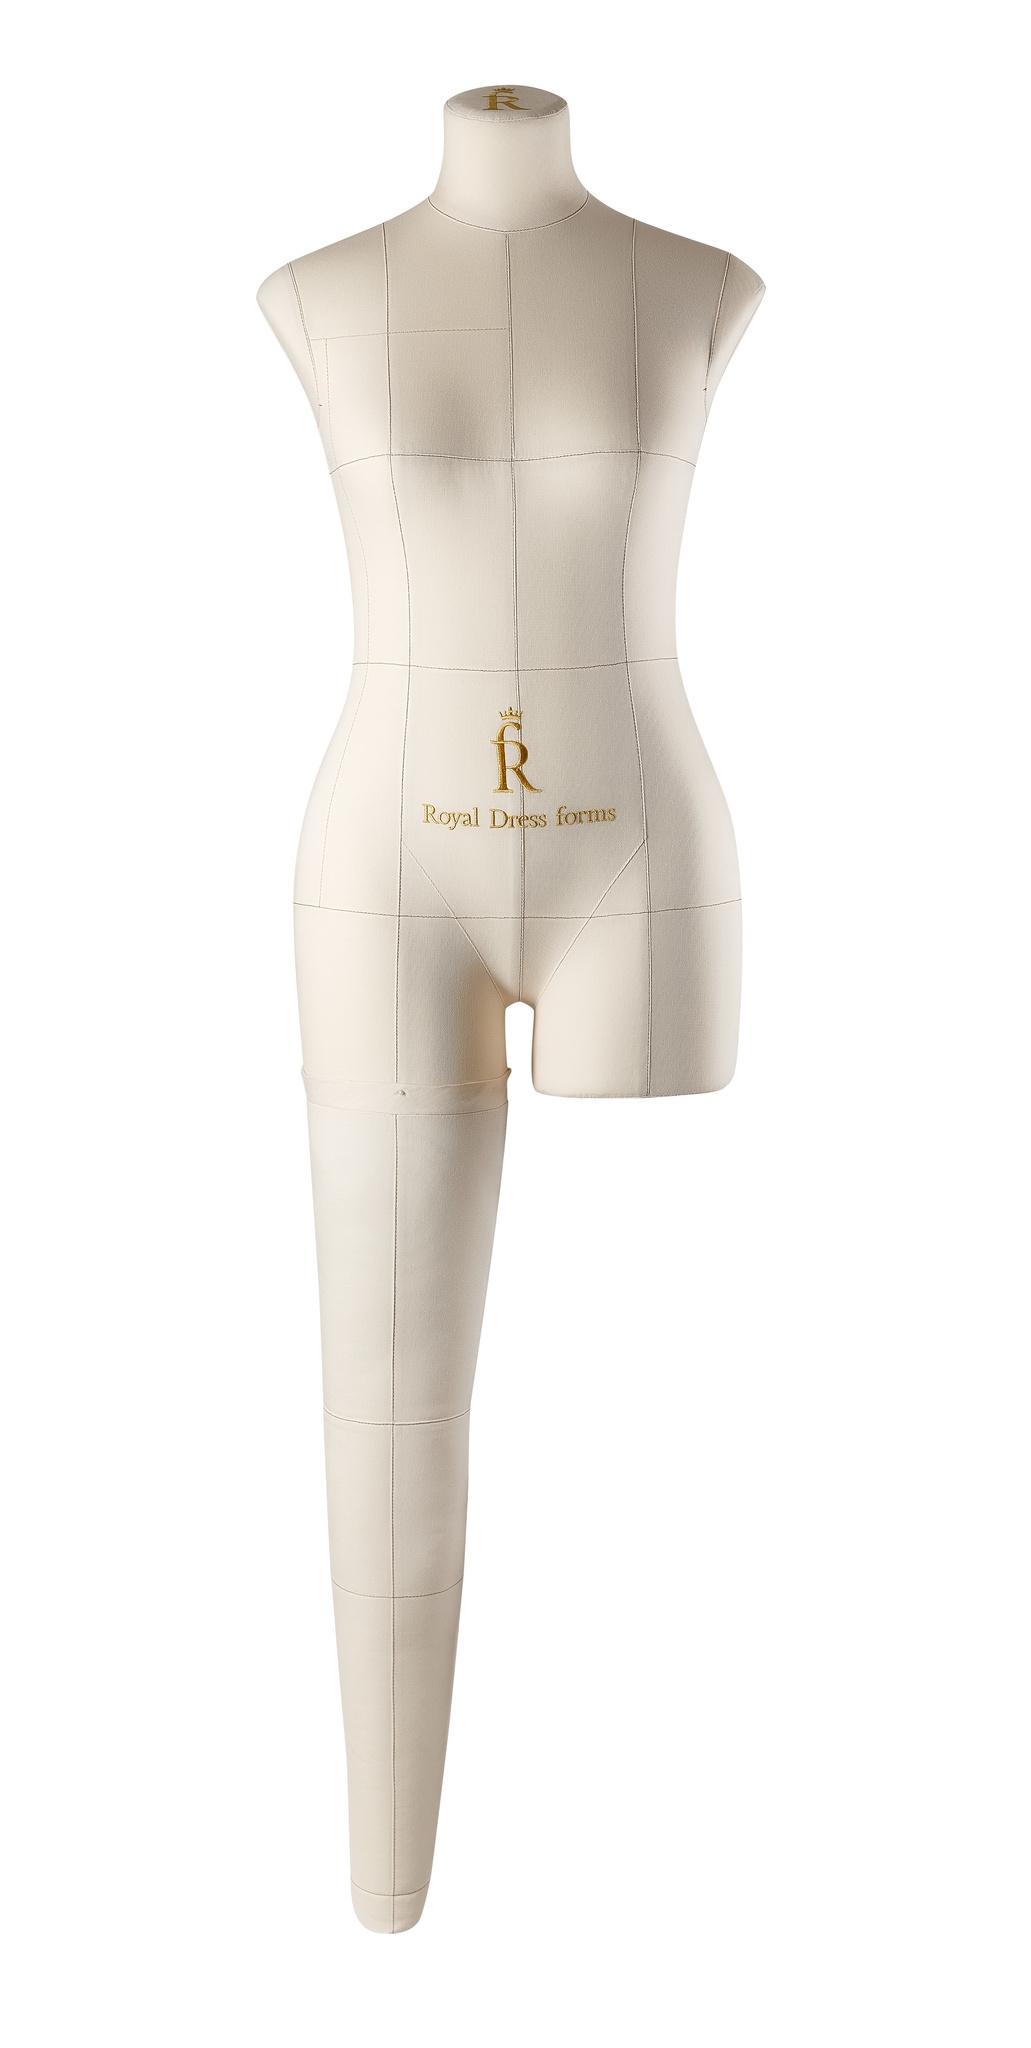 Нога для манекена Моника, размер 44 тип фигуры Песочные часы, БежеваяФото 0